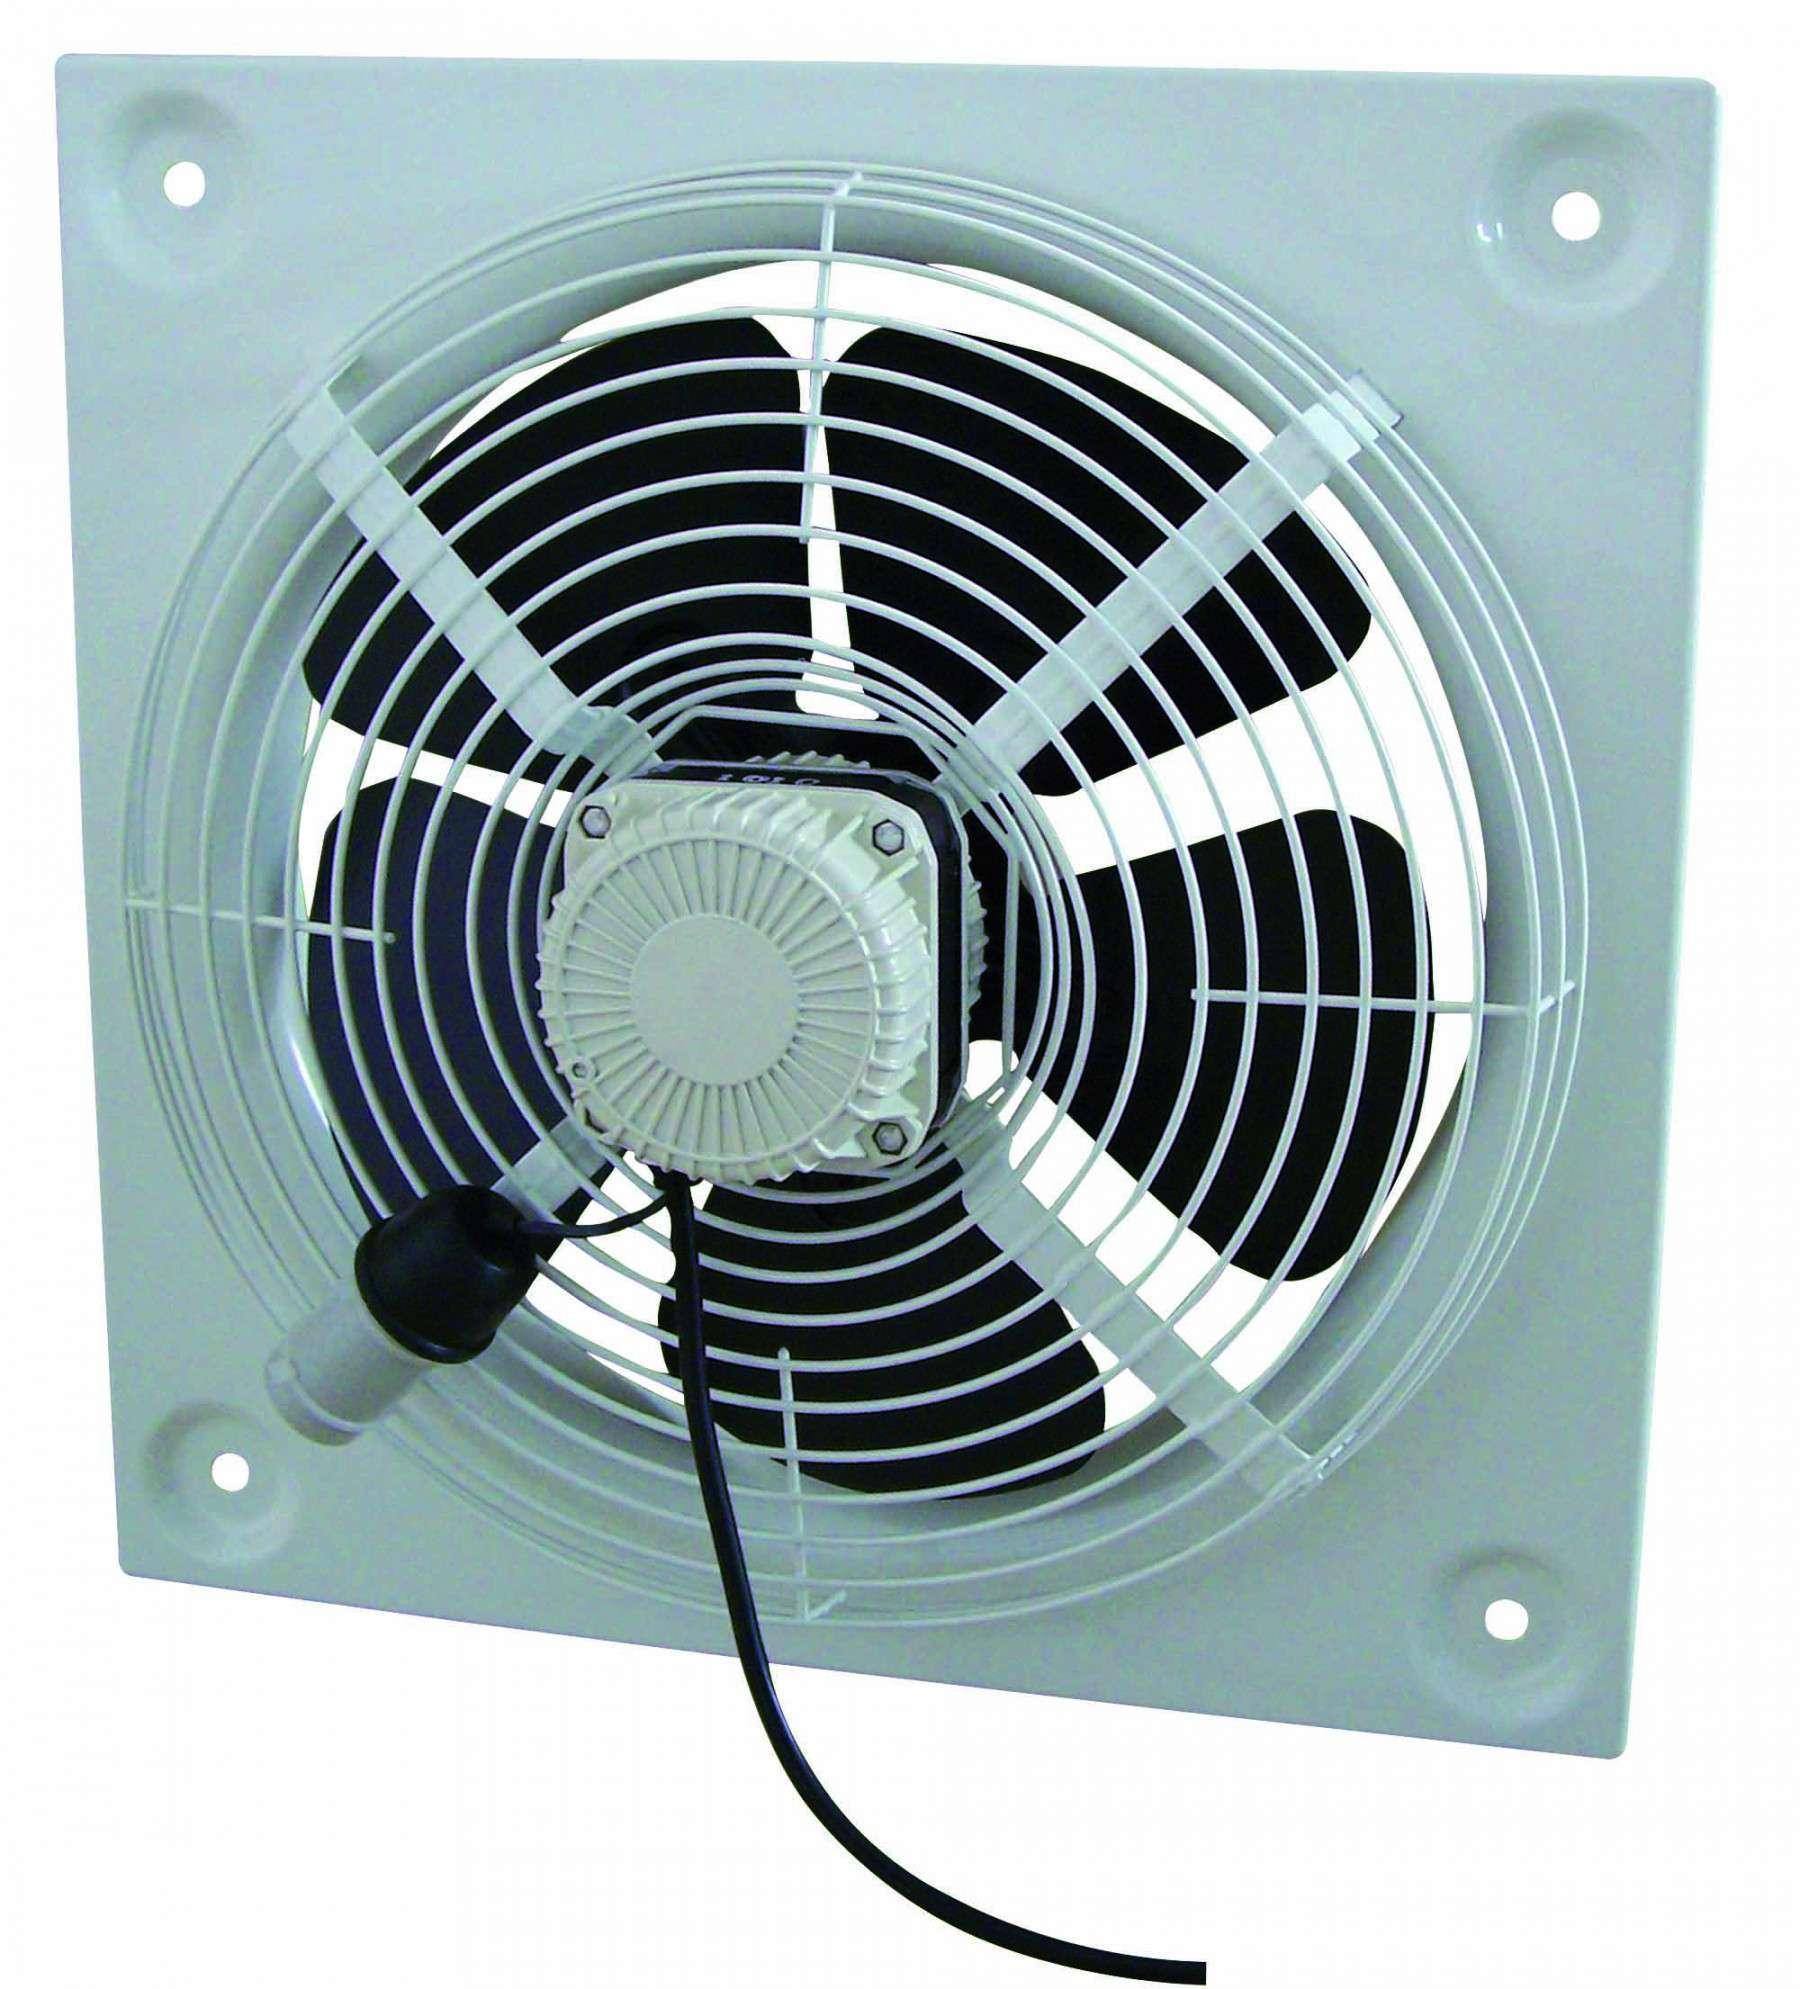 HXM 300 UNELVENT Ventilateur Hélicoïde Mural 50325